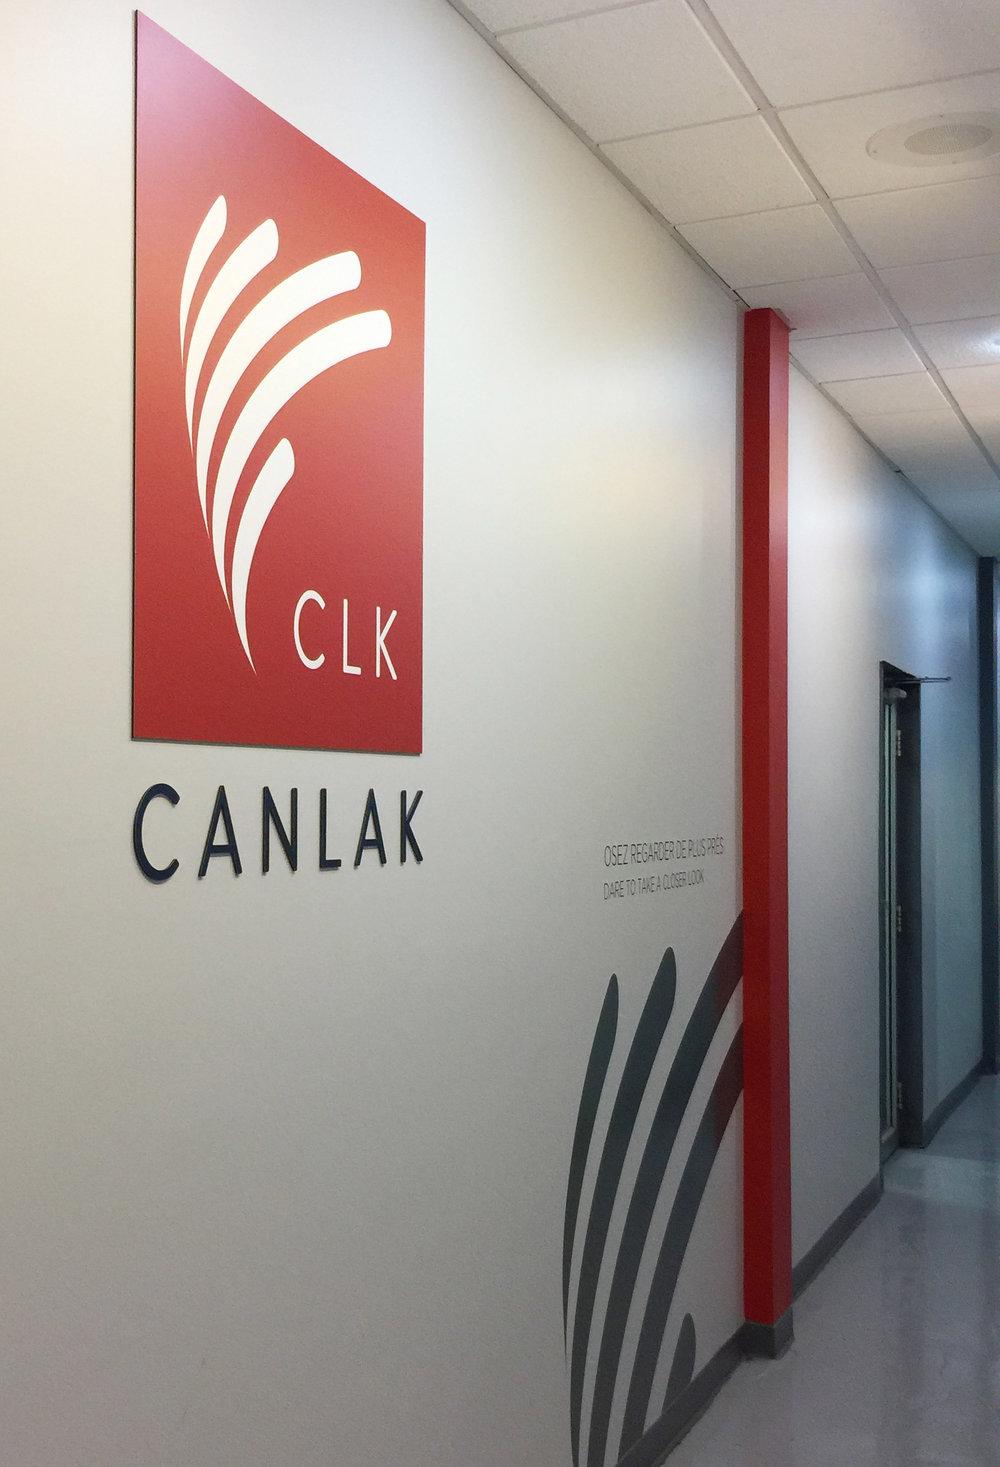 CANLAK / Signalétique  Panneau, enseigne, impression